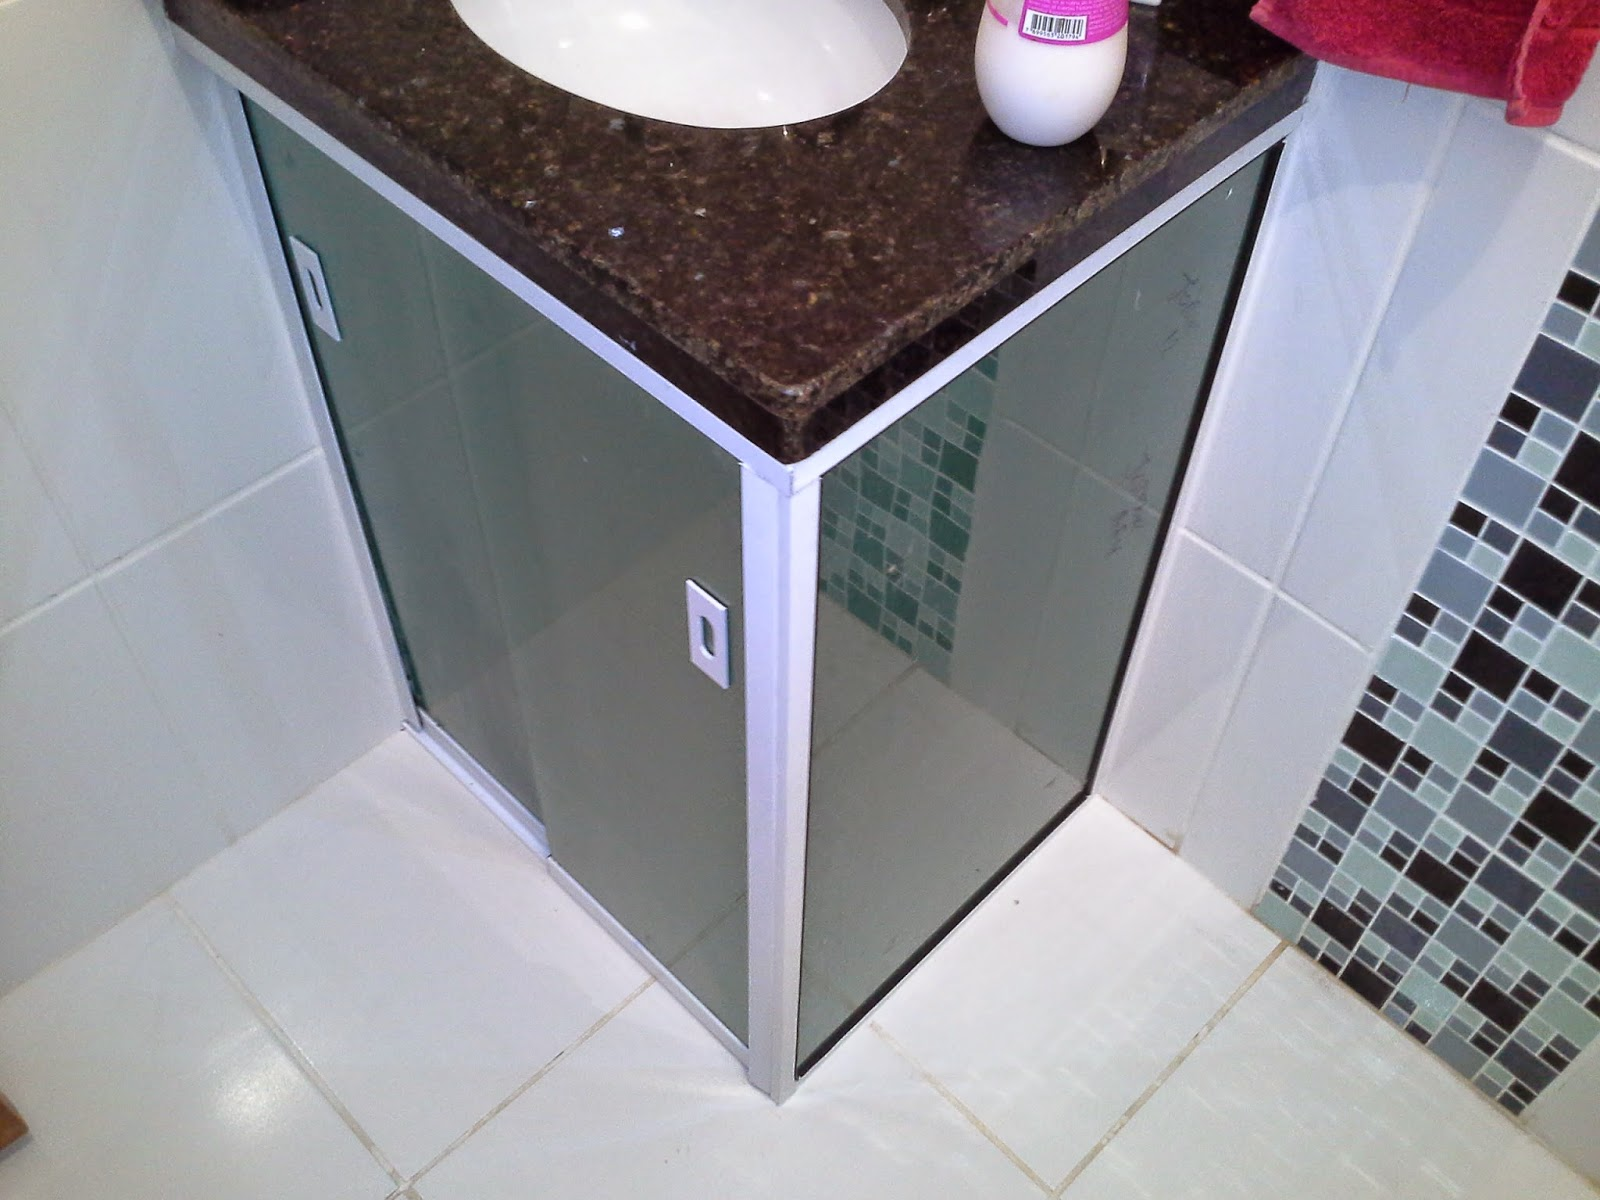 AF4 TEMPER VIDROS: Pias de banheiro em vidro verde fumé jateadas. #792838 1600 1200